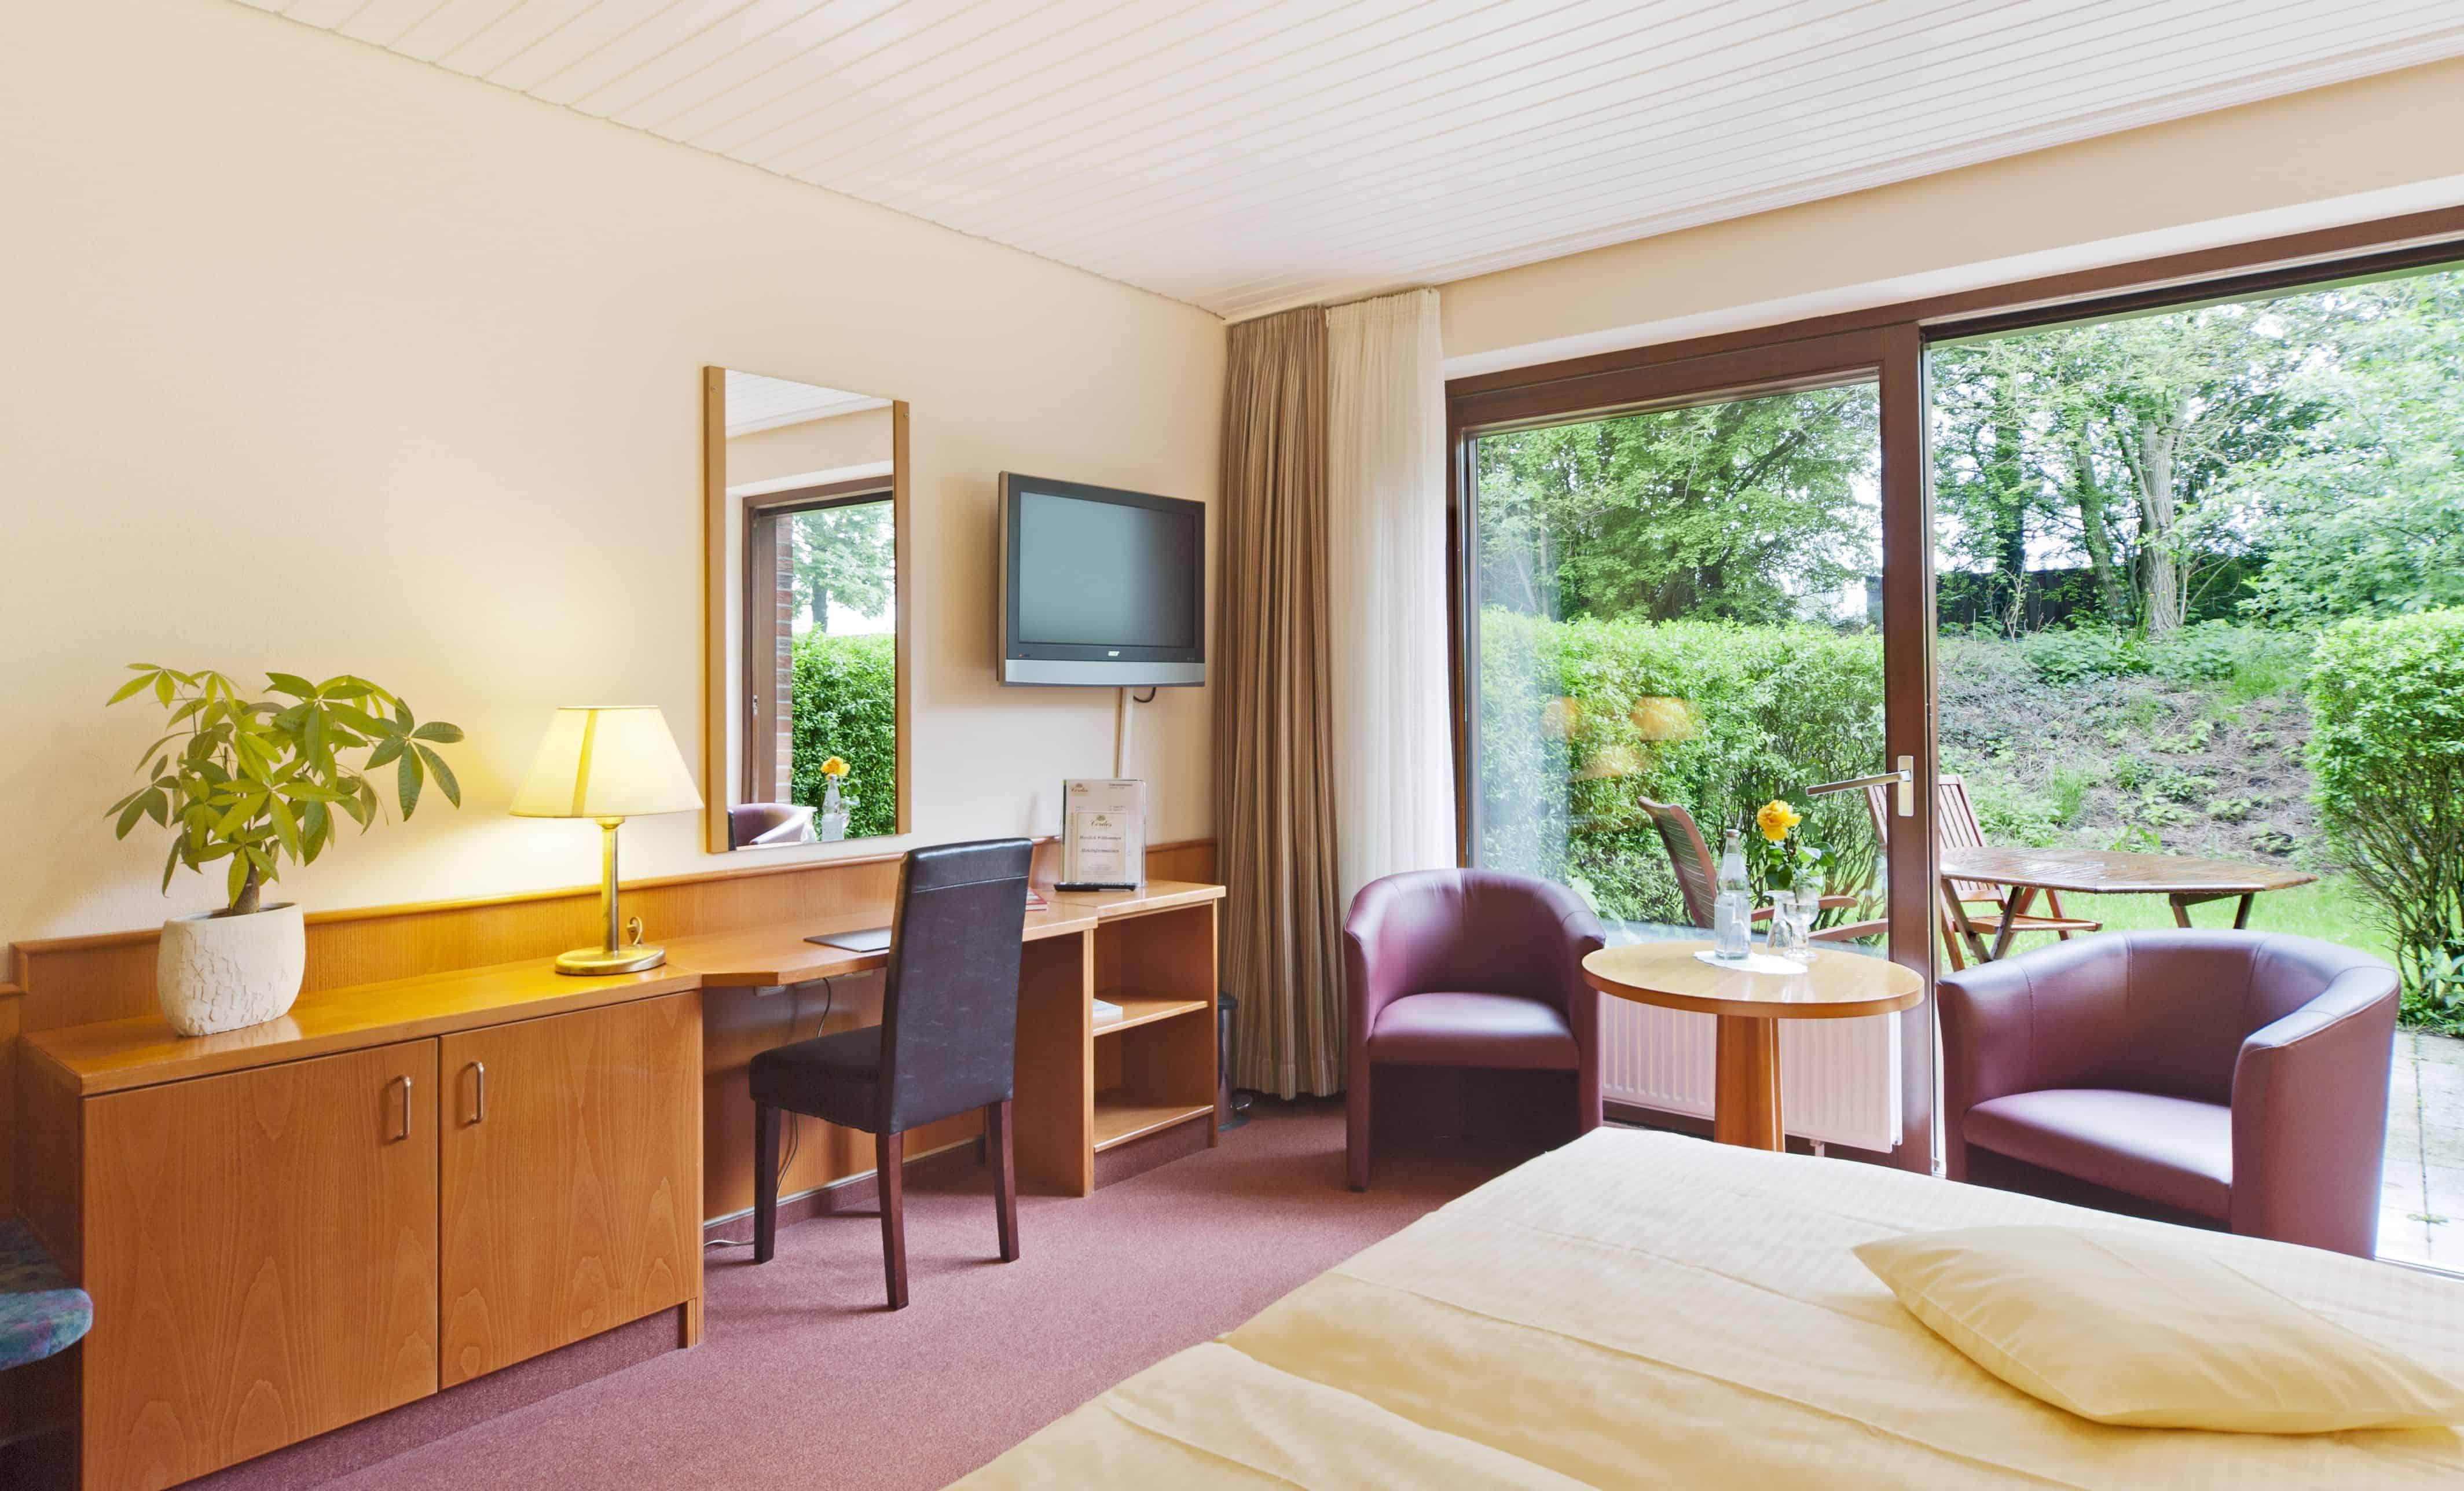 Zimmer- und Ambiente Fotos im Hotel Cordes